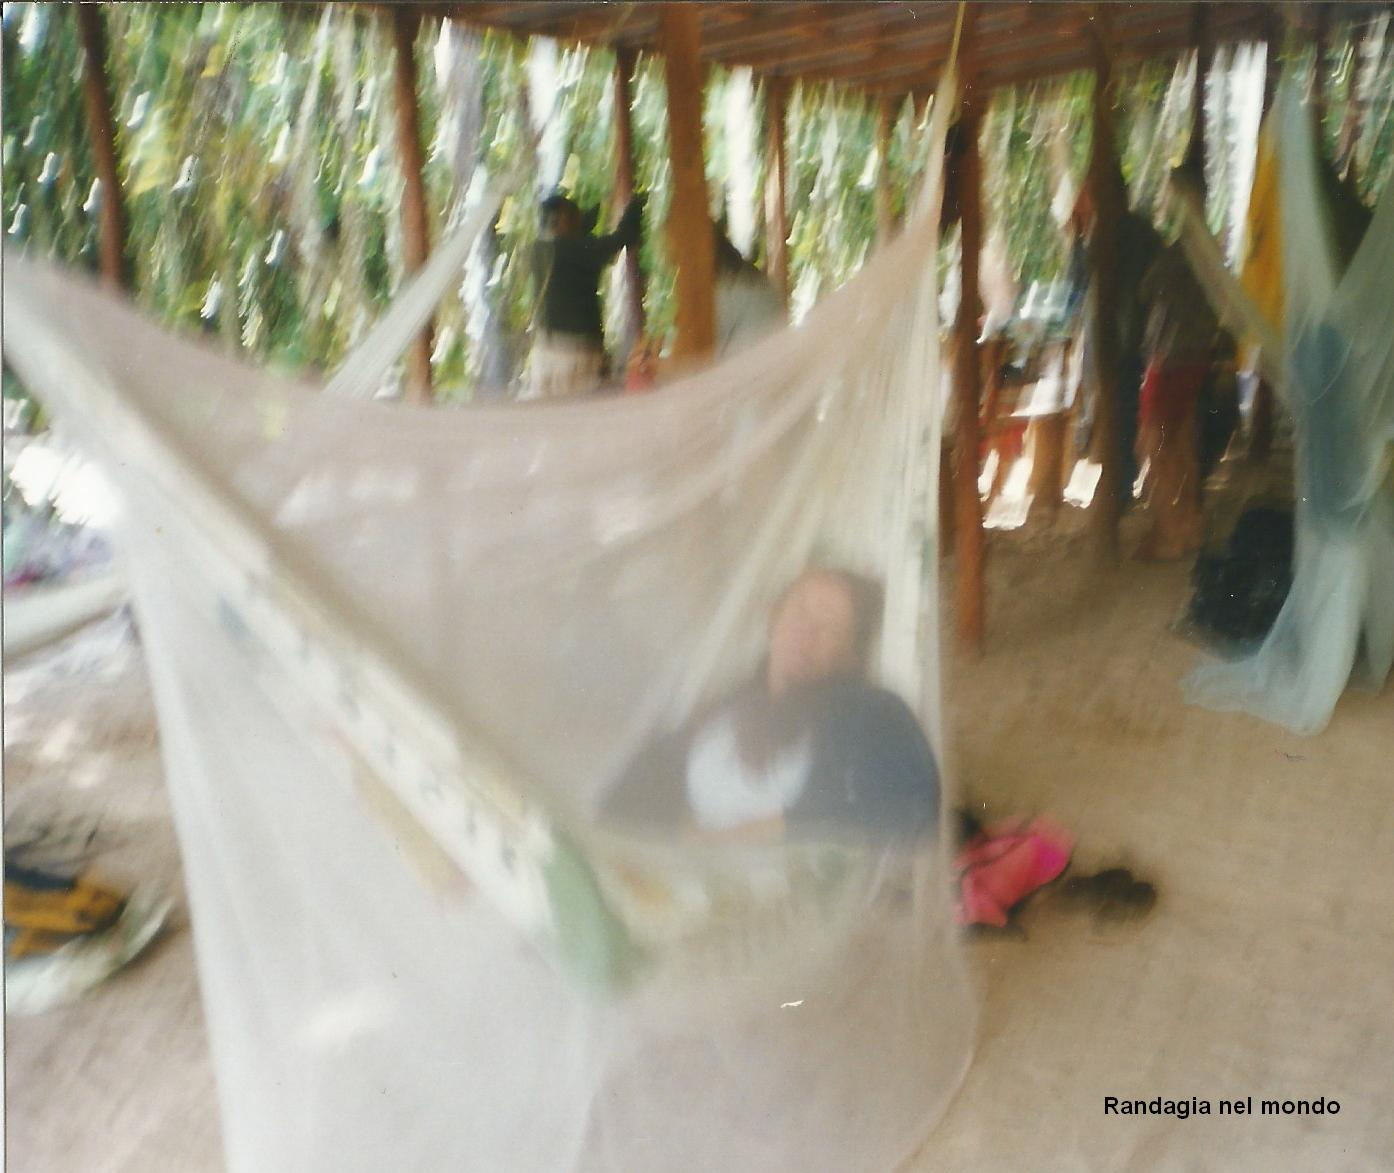 L'accampamento dove ho dormito 2 notti